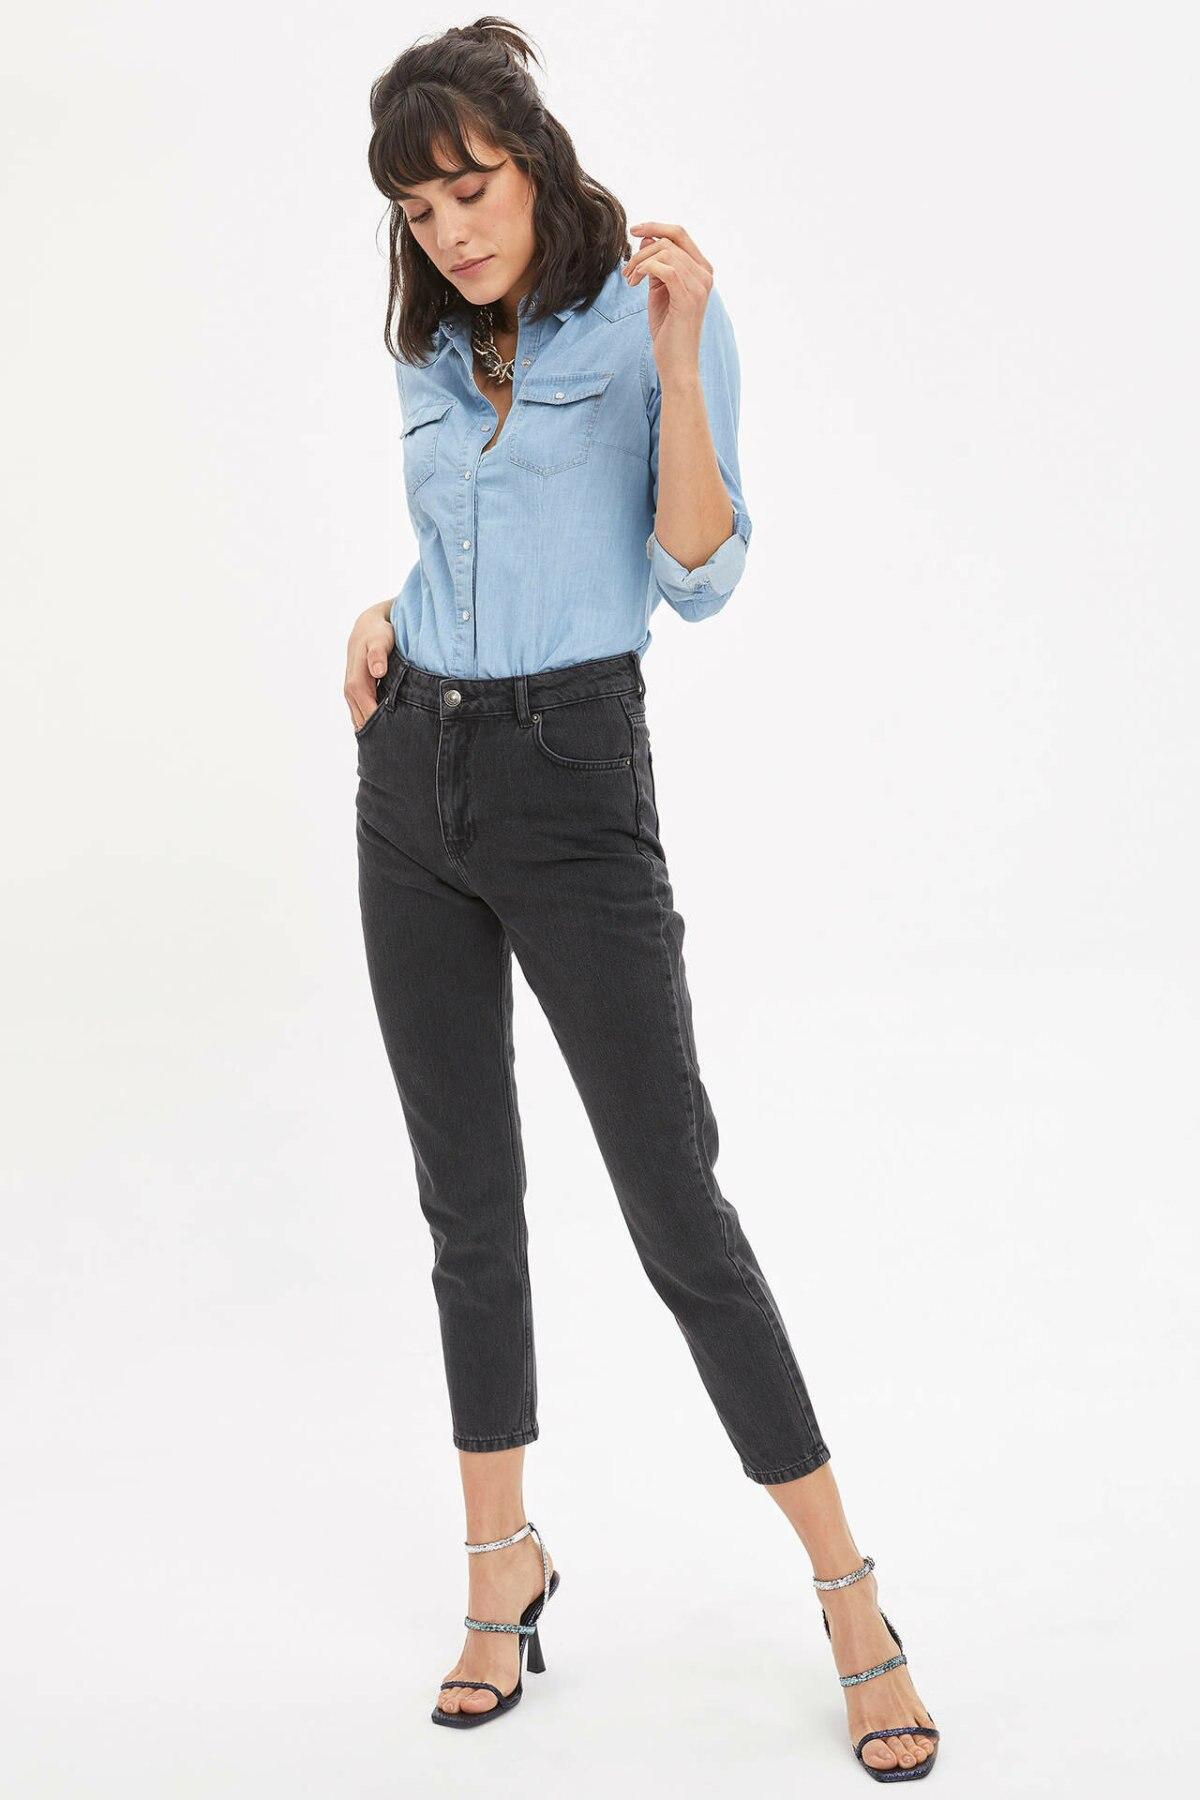 DeFacto Woman Black Denim Jeans Women Spring Denim Pencil Pants Female Bottom Jeans Trousers-J0050AZ20SP